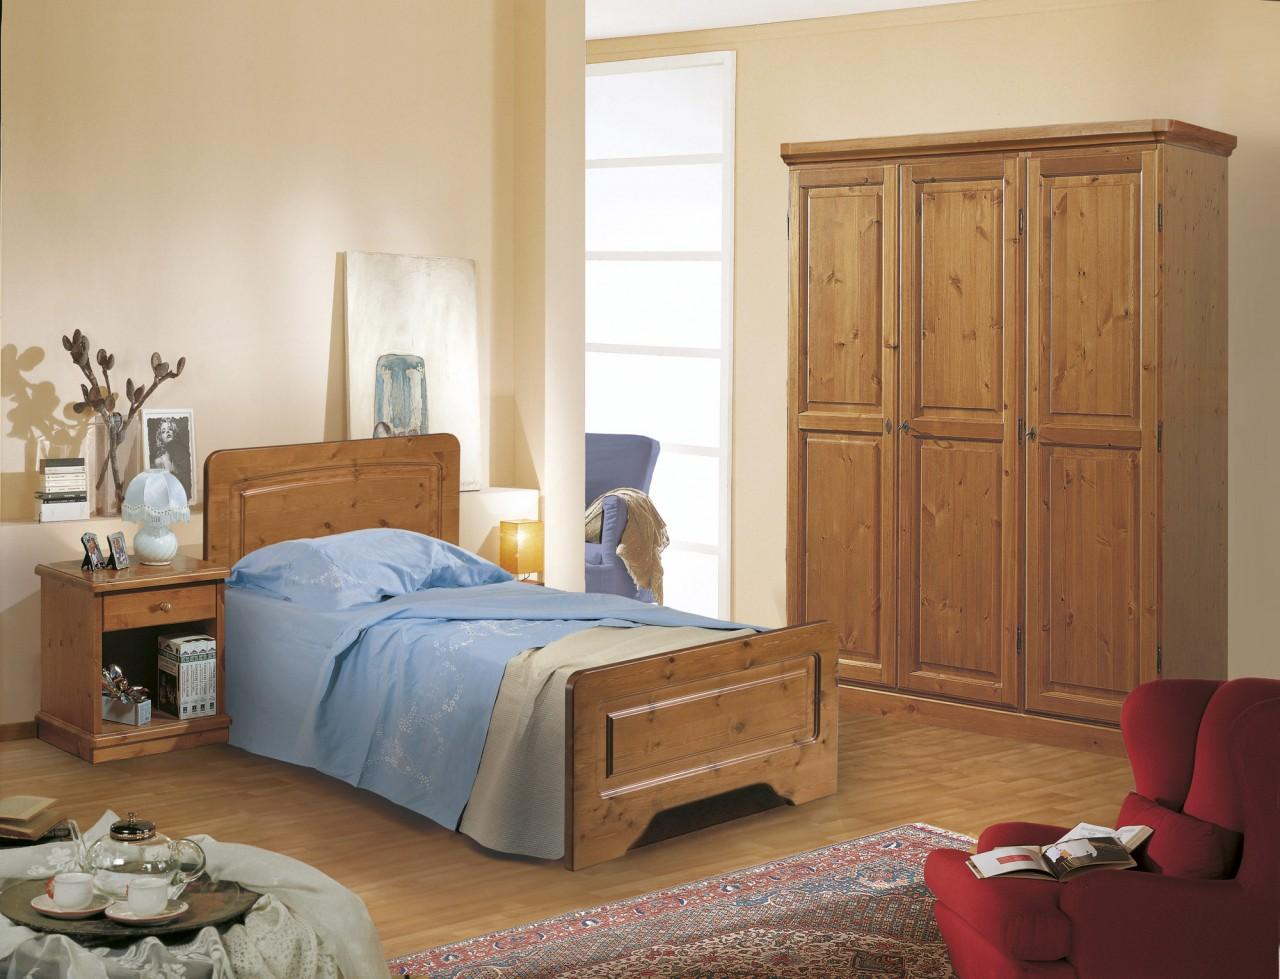 Camere da letto in pino camera canazei singola for Camere da letto verona